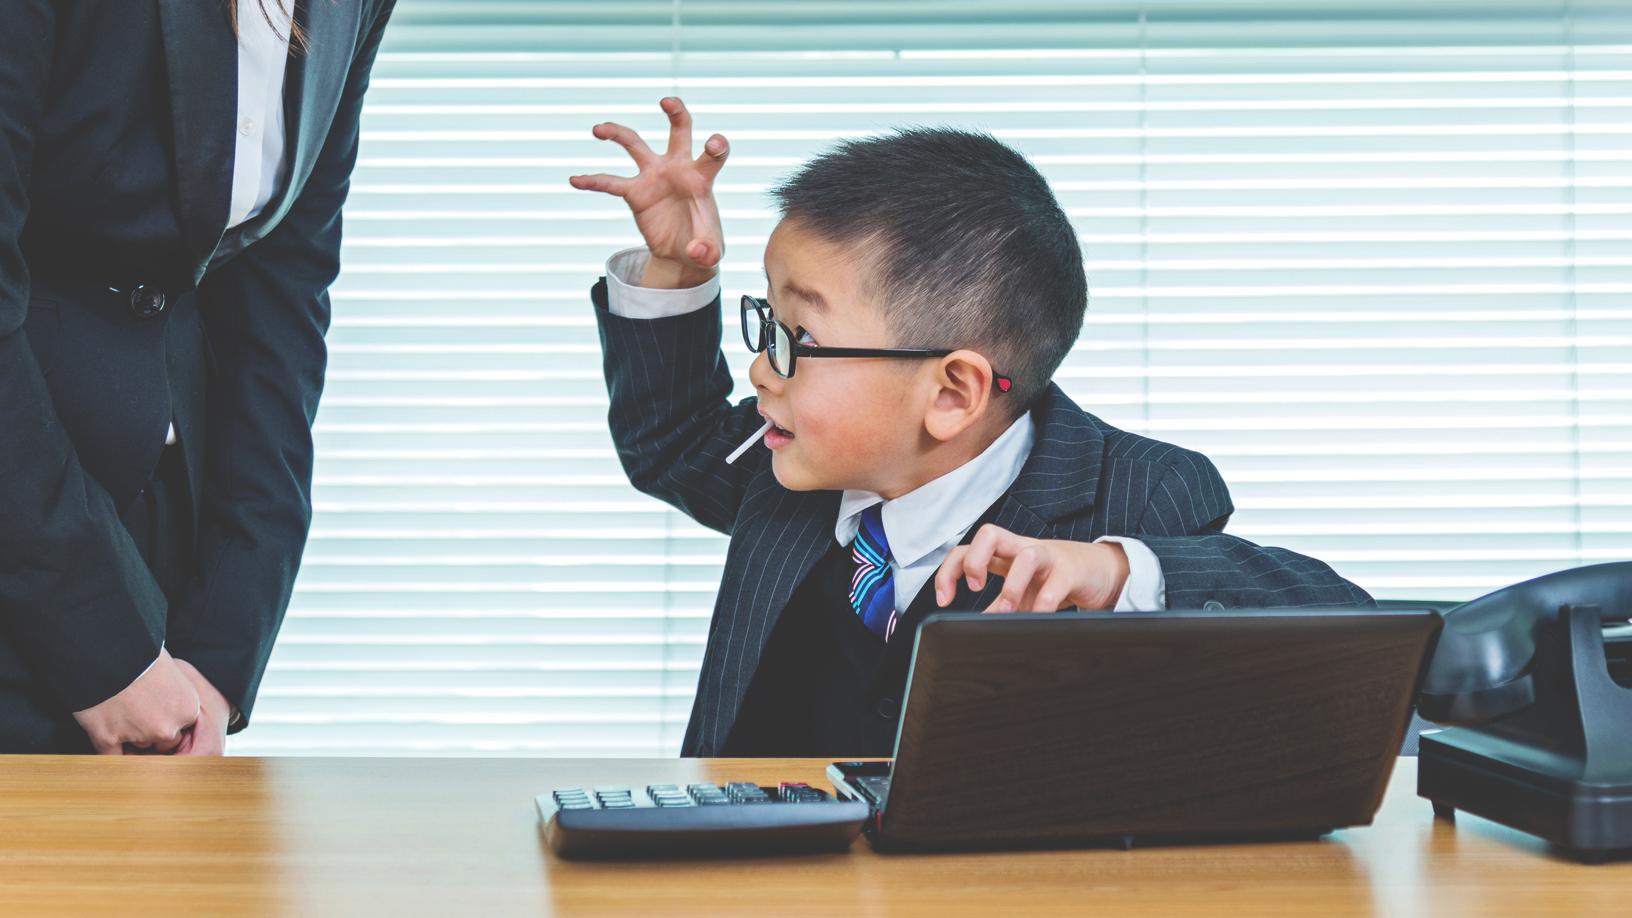 little boy computer